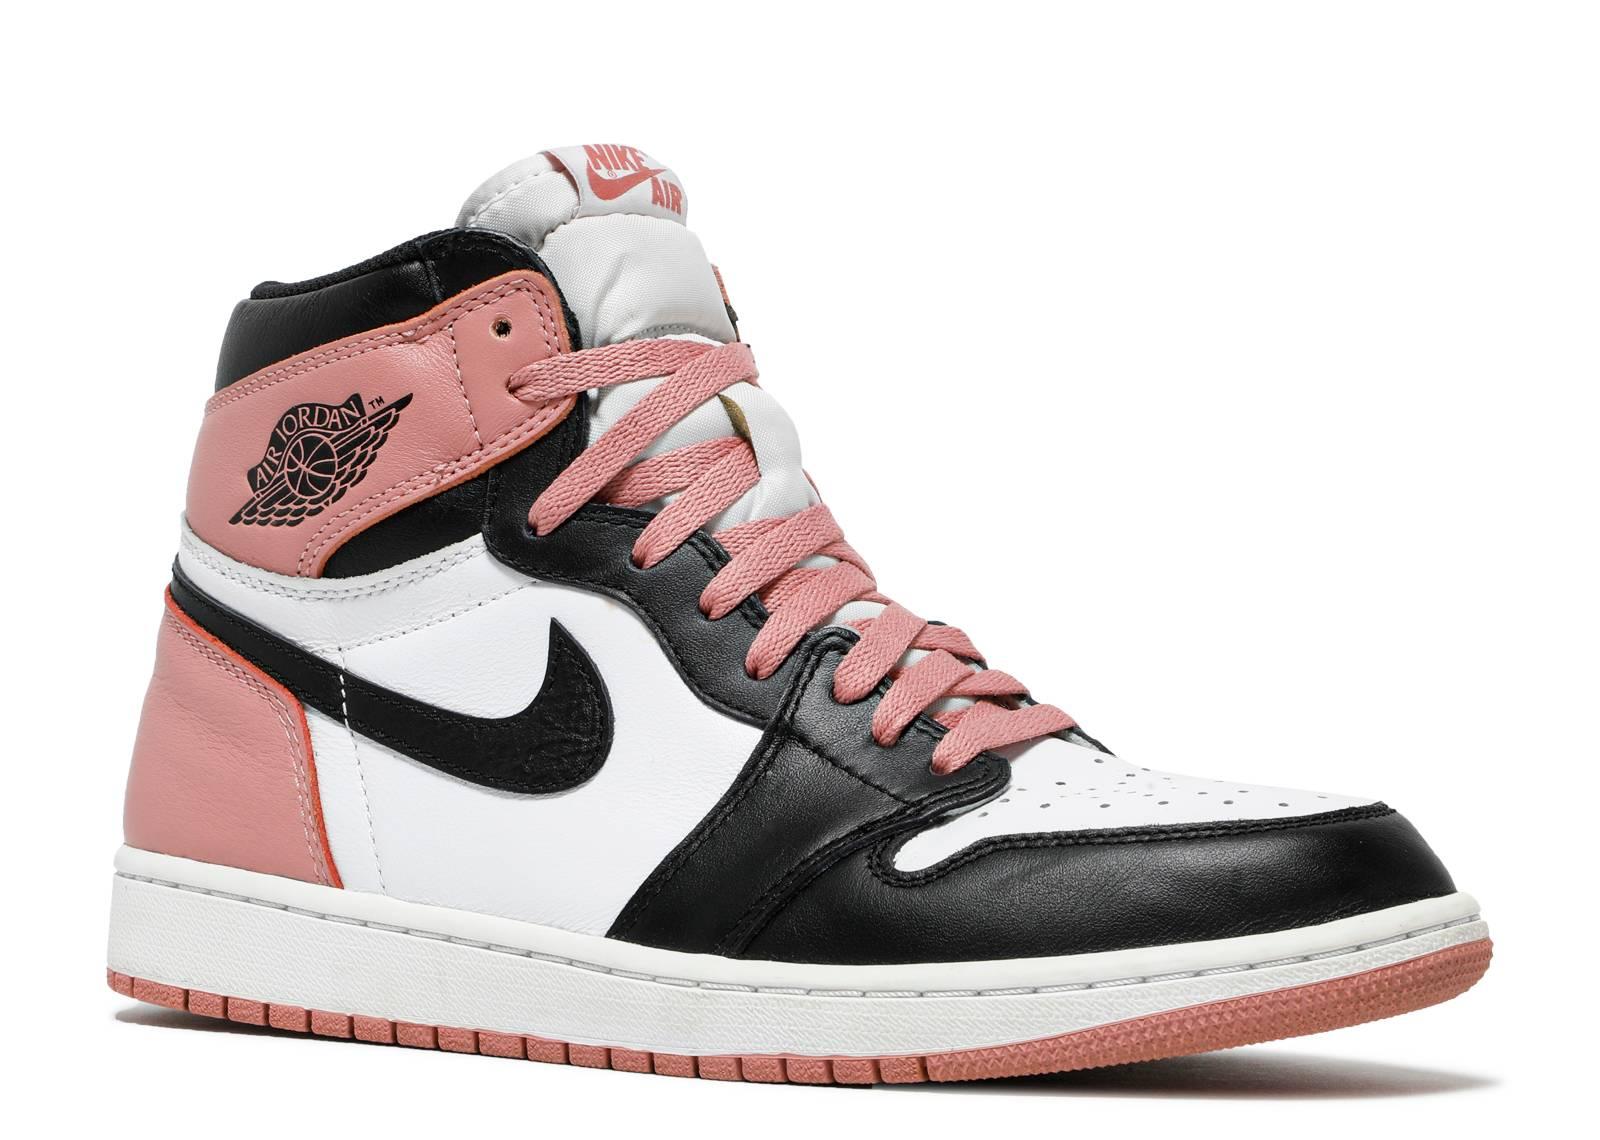 nike air jordan 1 retro high rosa